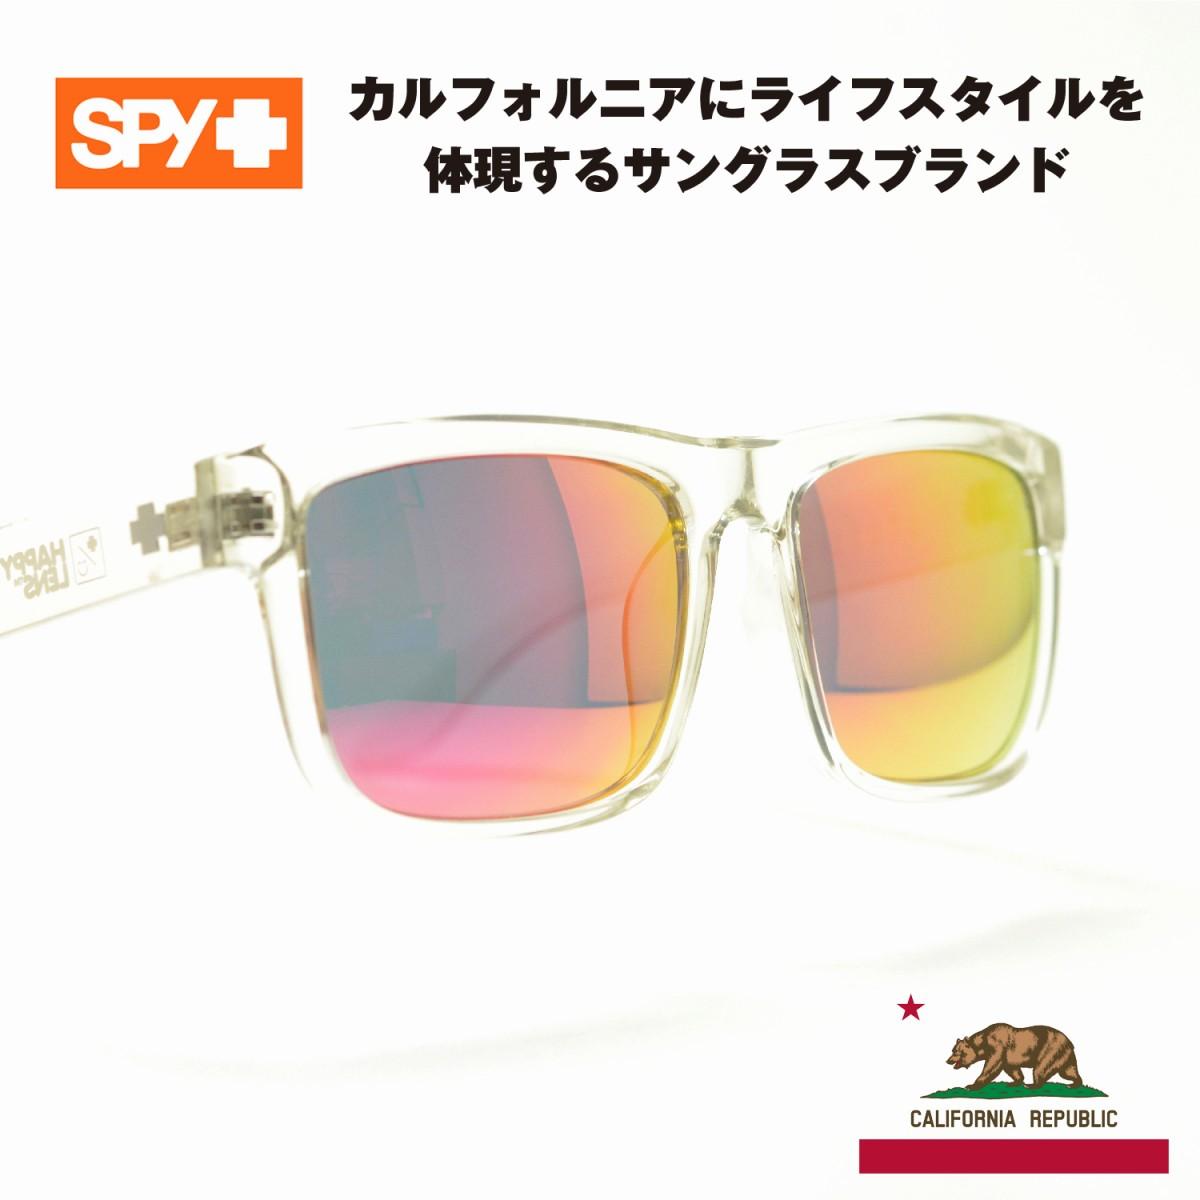 73d5d365a271cd ... ディスコード クリア|/グレーピンクミラーメガネ 眼鏡 めがね メンズ レディース おしゃれ ブランド 人気 おすすめ フレーム 流行り  度付き レンズ サングラス